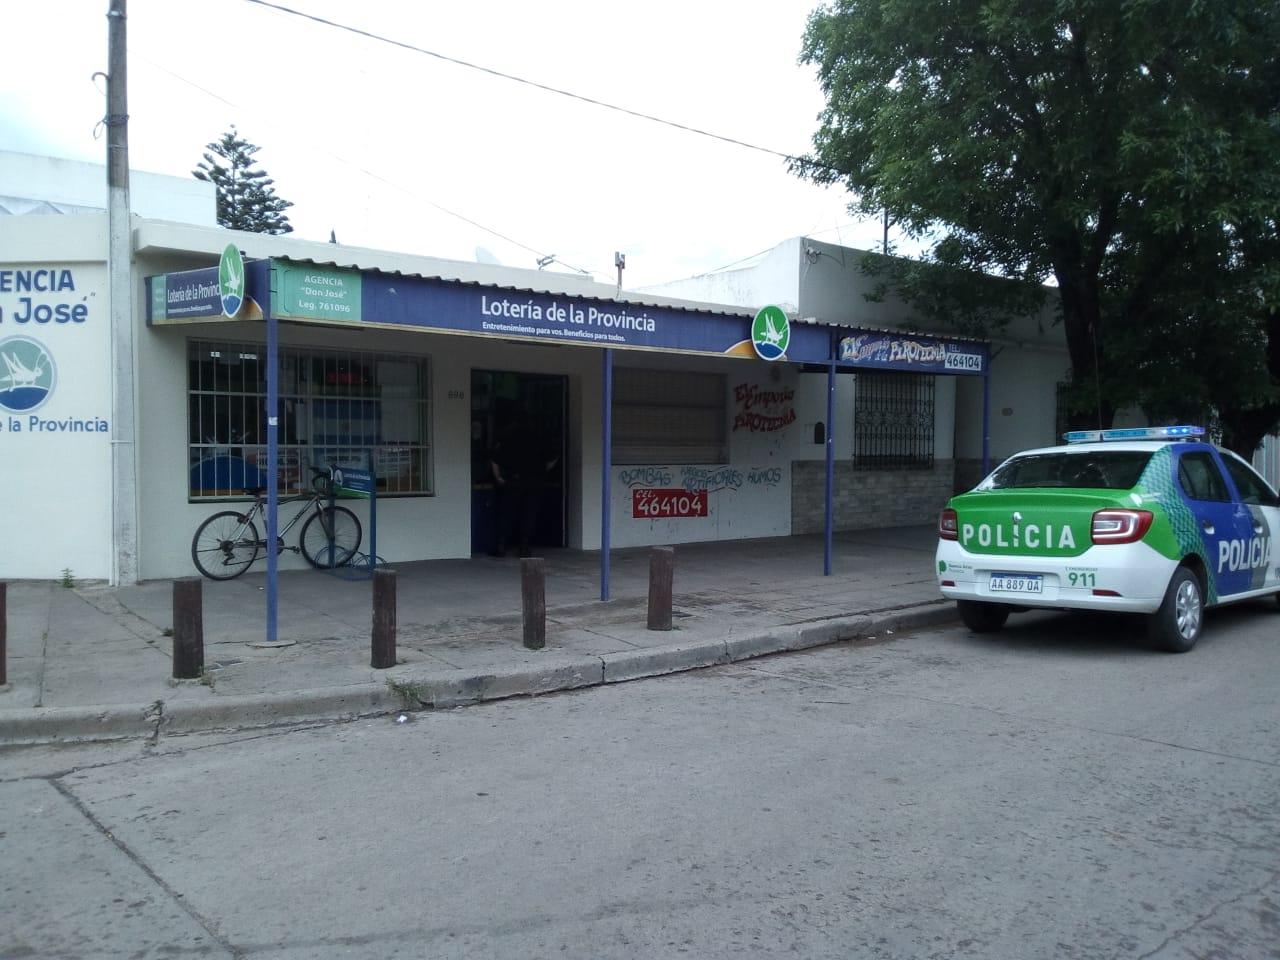 Este lunes 29 de octubre, aproximadamente a las 13.40 horas, se produjo un robo calificado en una agencia de lotería ubicada en calle 22 y 52.